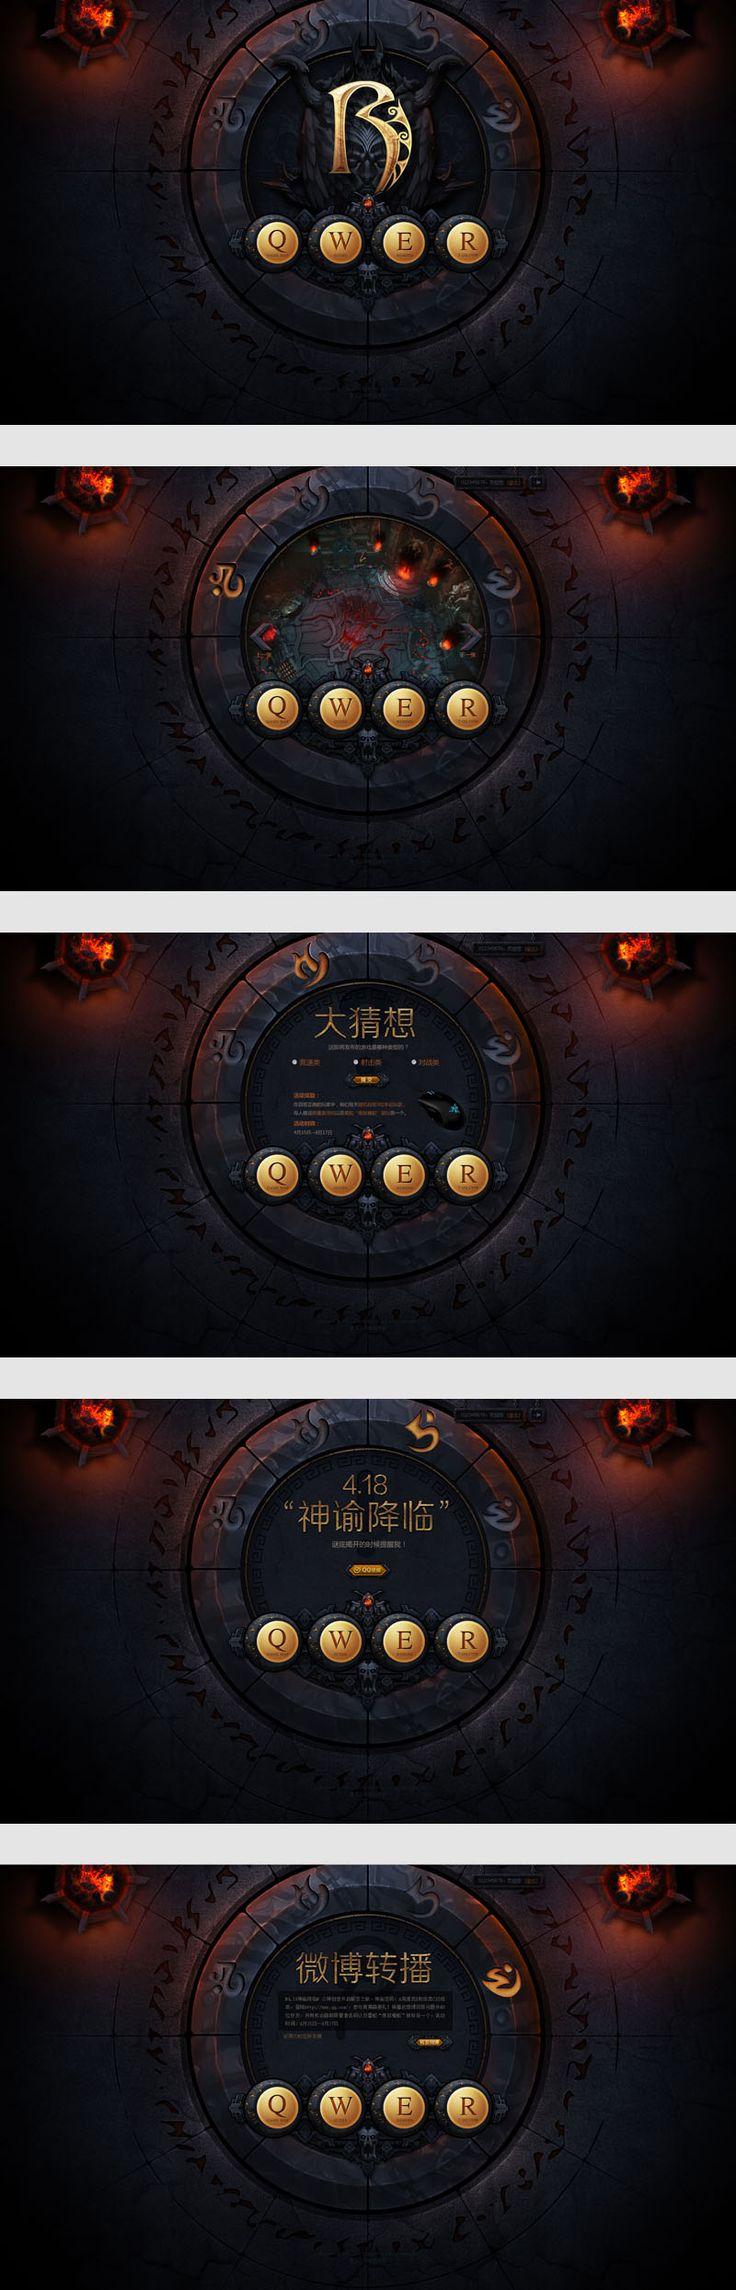 13年RGame-预热站  GAMEUI- 游戏设计圈聚集地   游戏UI   游戏界面   游戏图标   游戏网站   游戏群   游戏设计